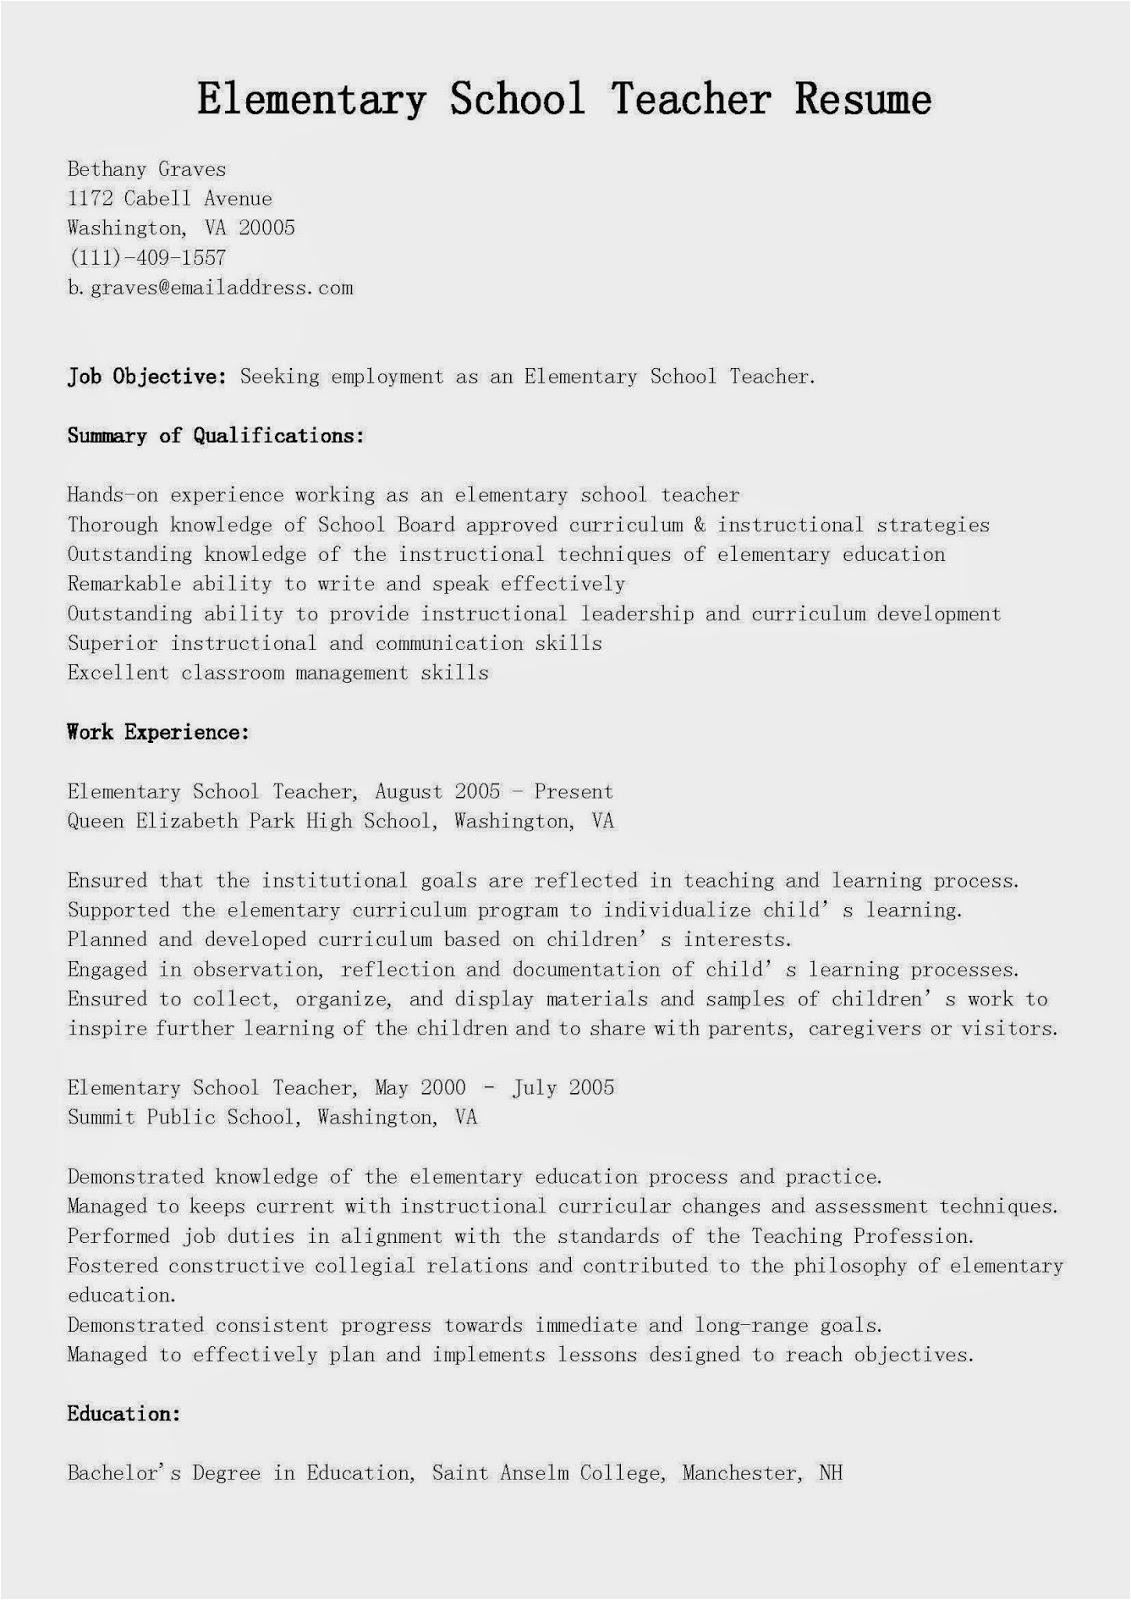 elementary school teacher resume sample